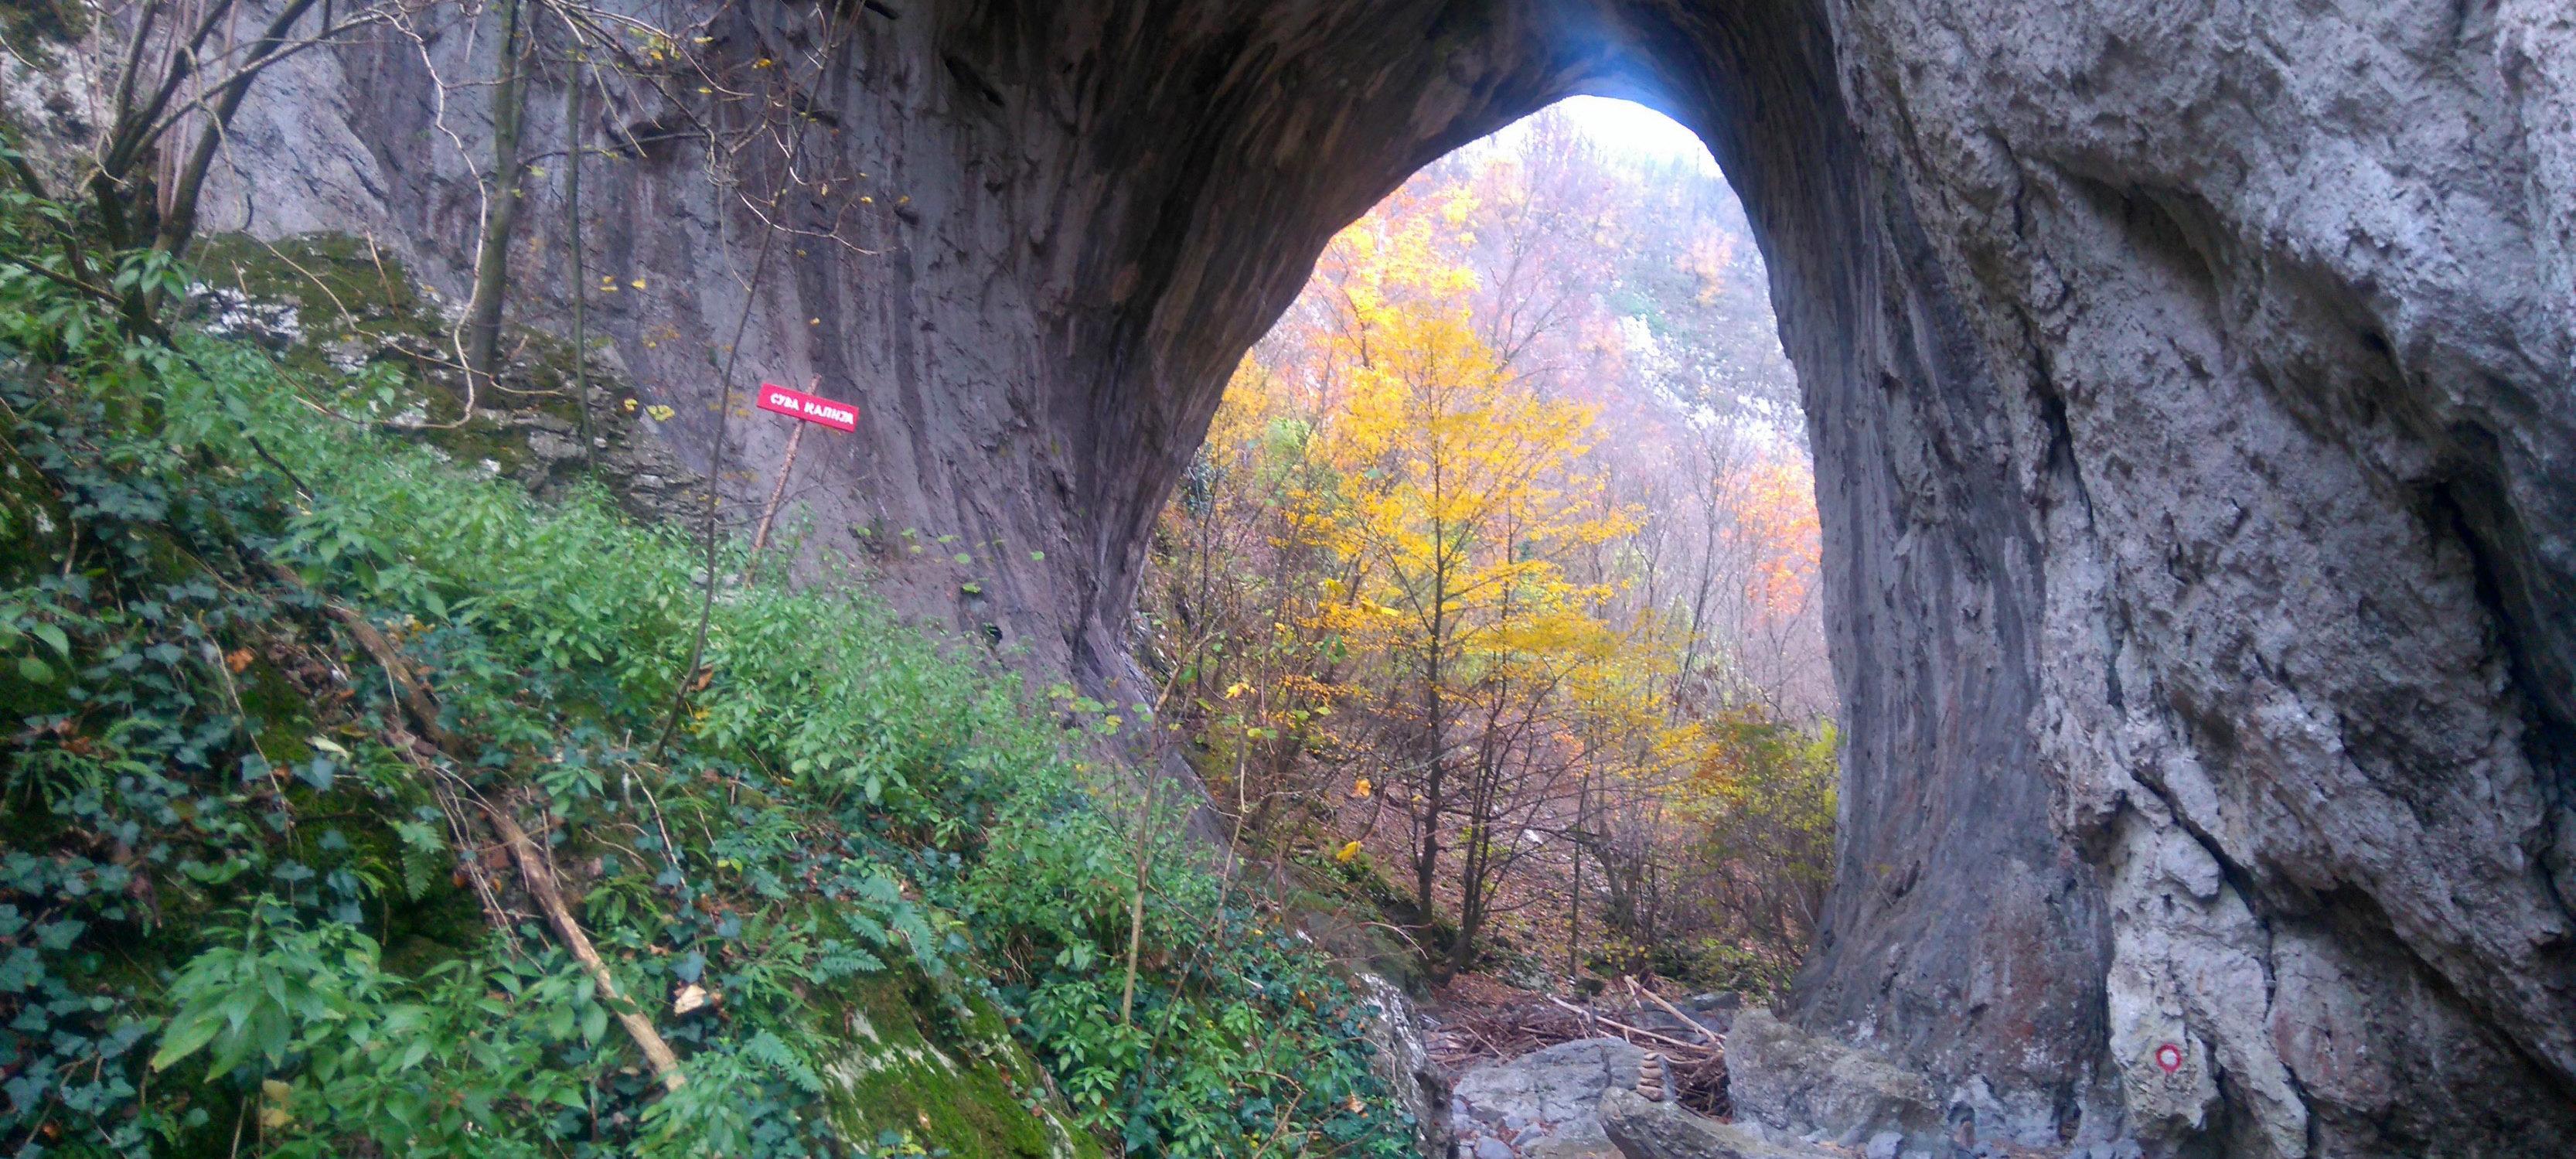 Река Вратна и ее уникальные каменные мосты